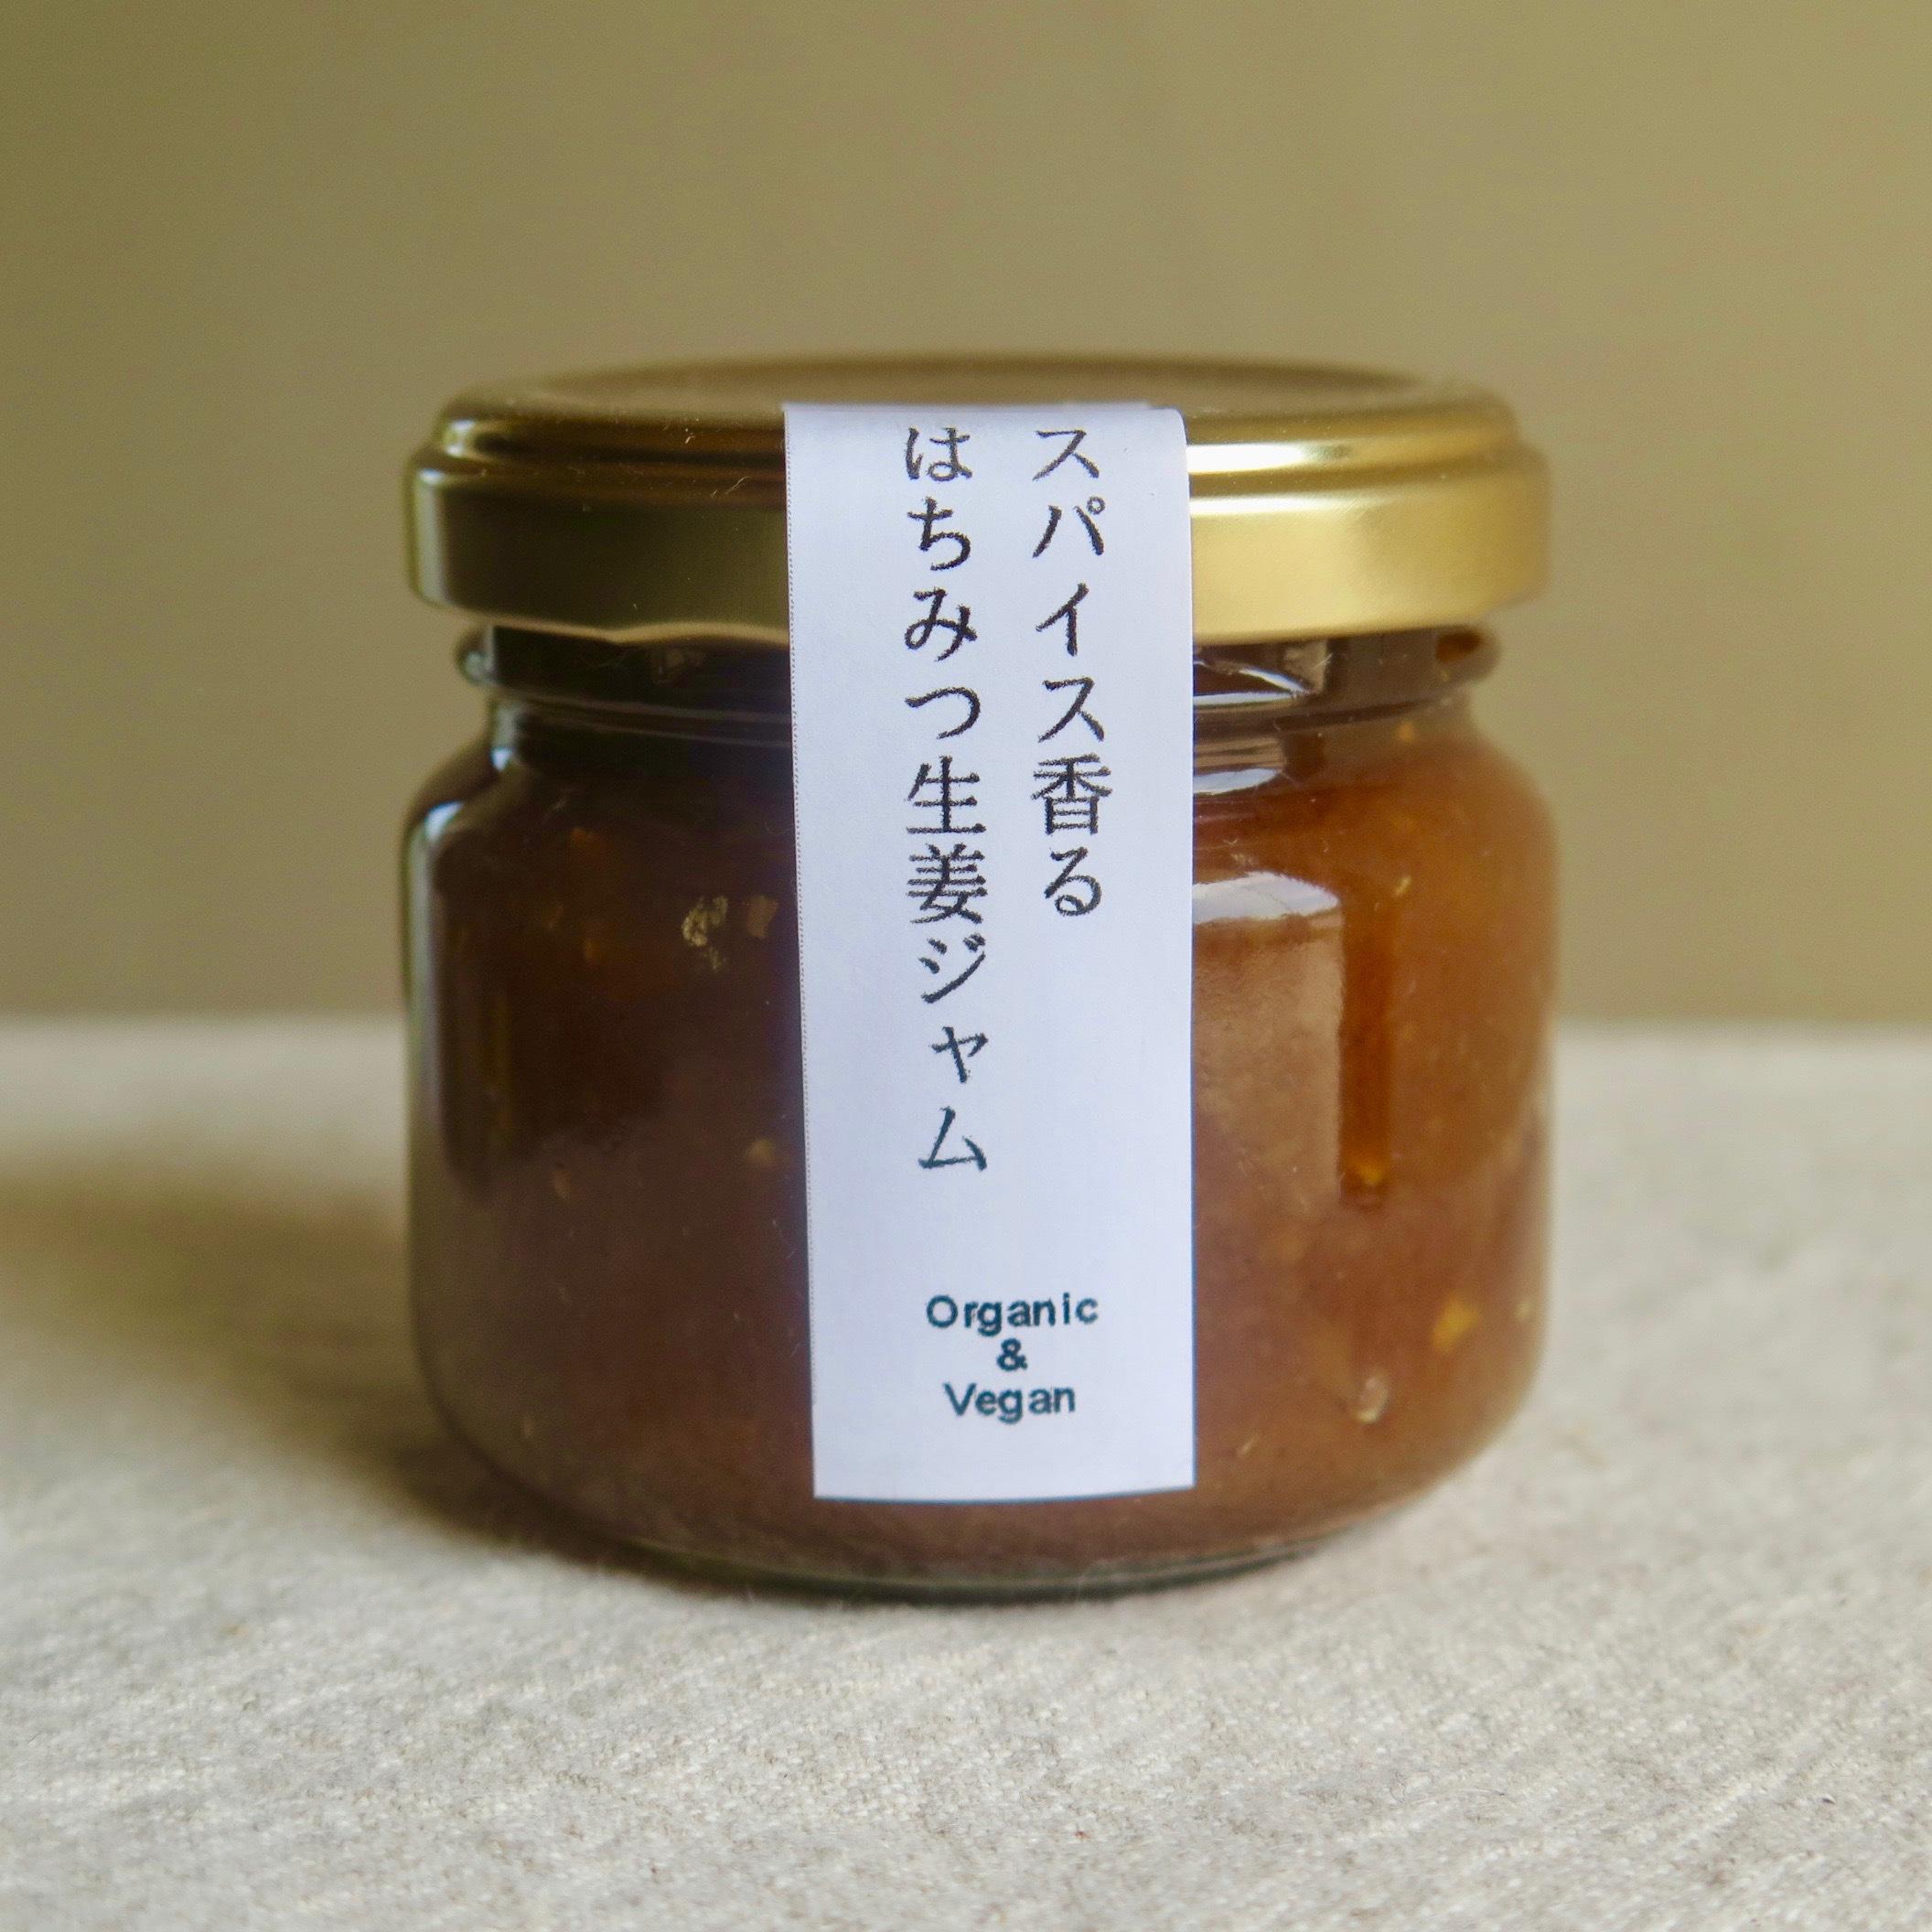 スパイス香るはちみつ生姜ジャム - 画像1